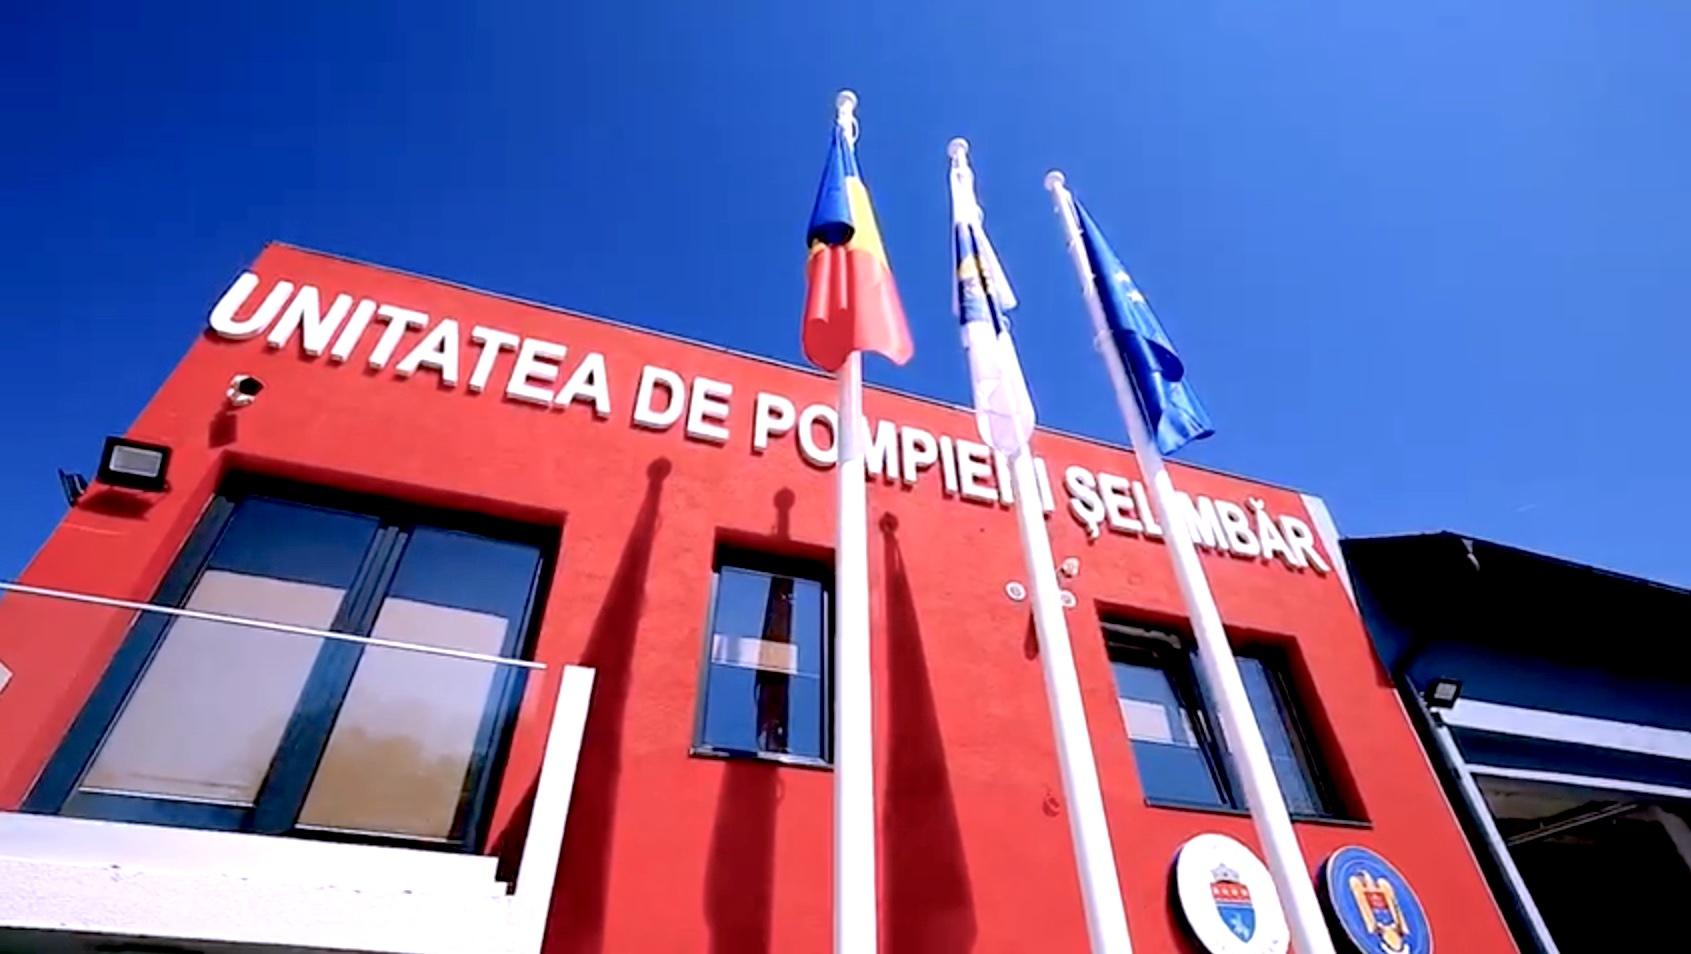 VIDEO ISU Șelimbăr a devenit operațional după o investiție de aproape 2 milioane de lei. 50 de angajați vor asigura trei schimburi de intervenție